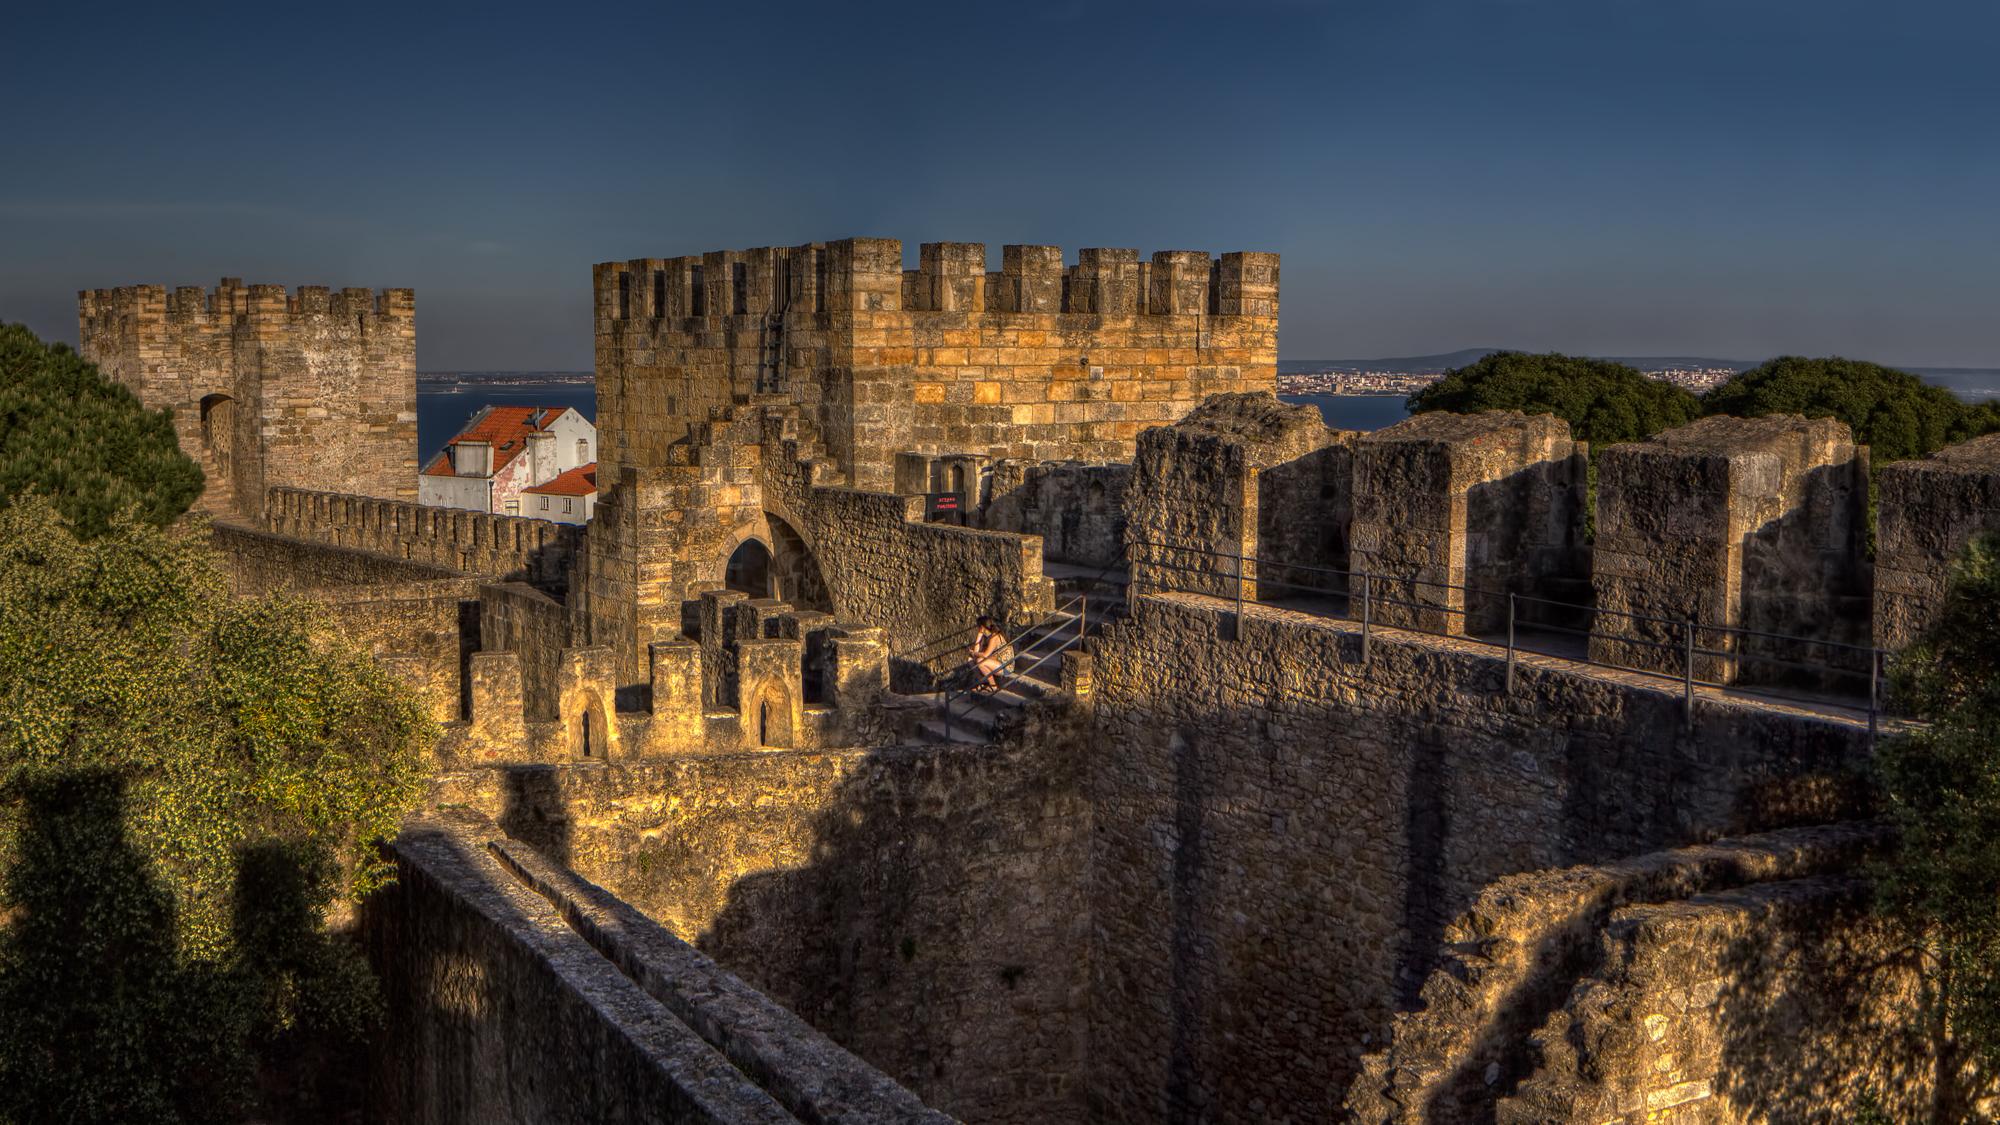 Castelo De Sao Jorge Lisbon Poul Laursen